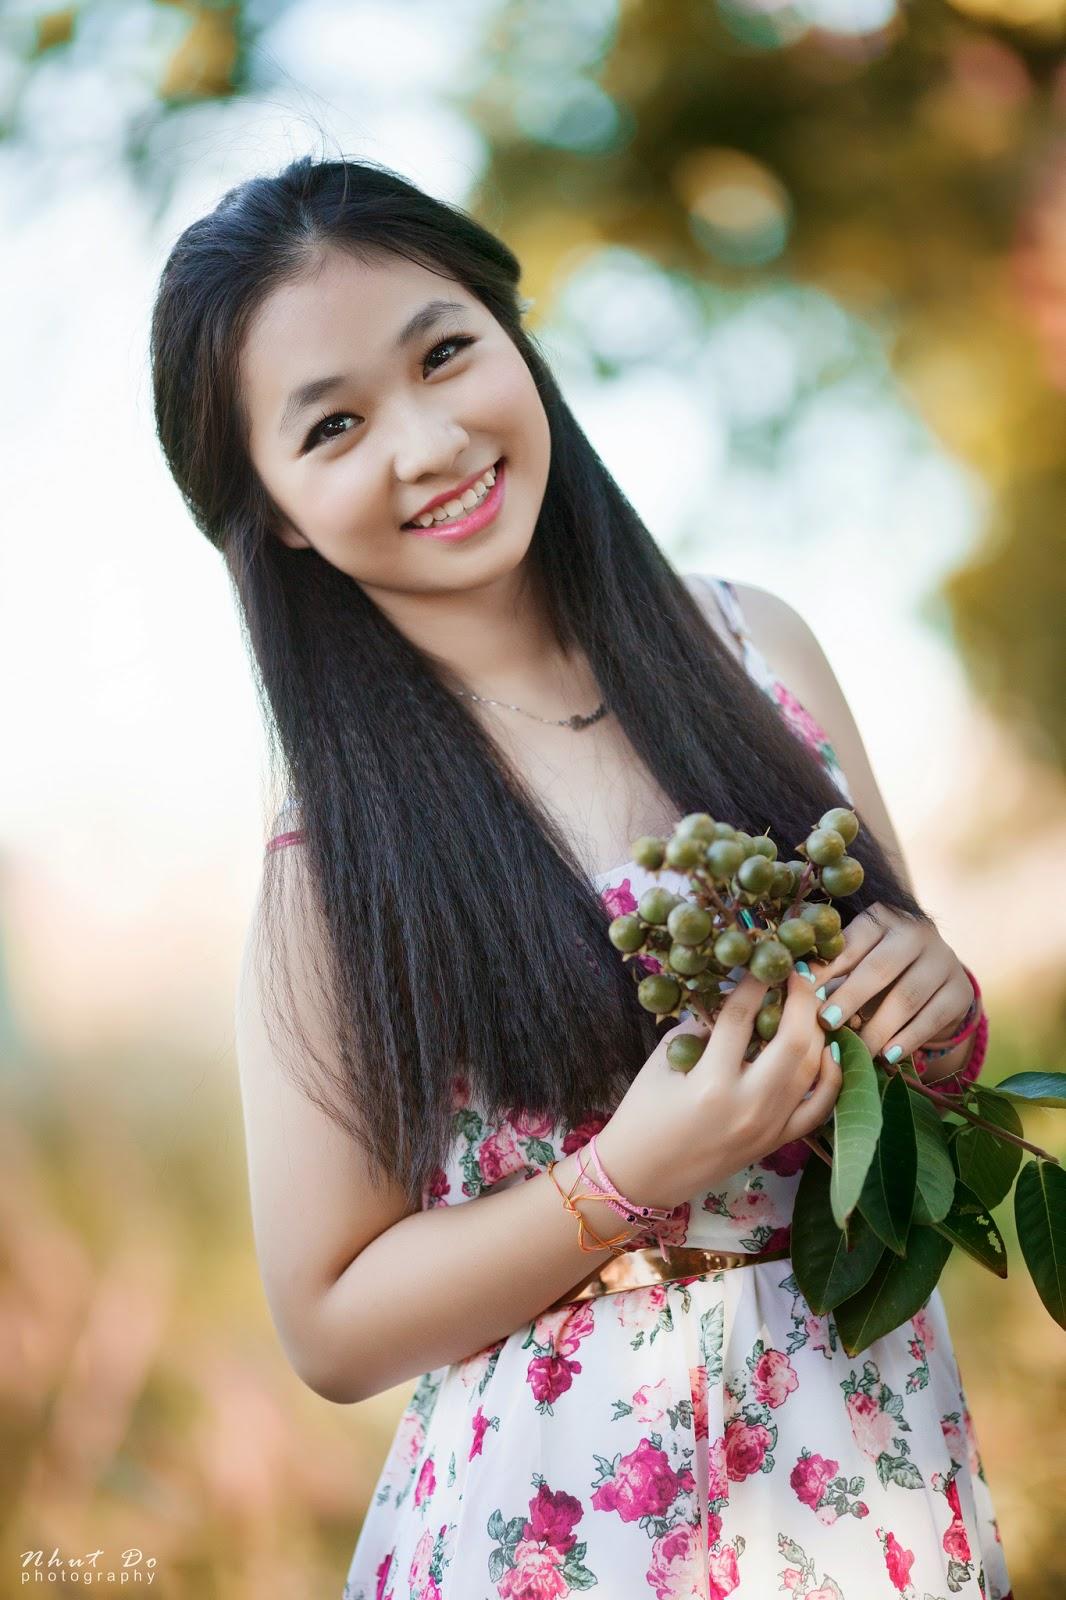 Ảnh đẹp girl xinh Việt Nam Việt Nam - Ảnh 24